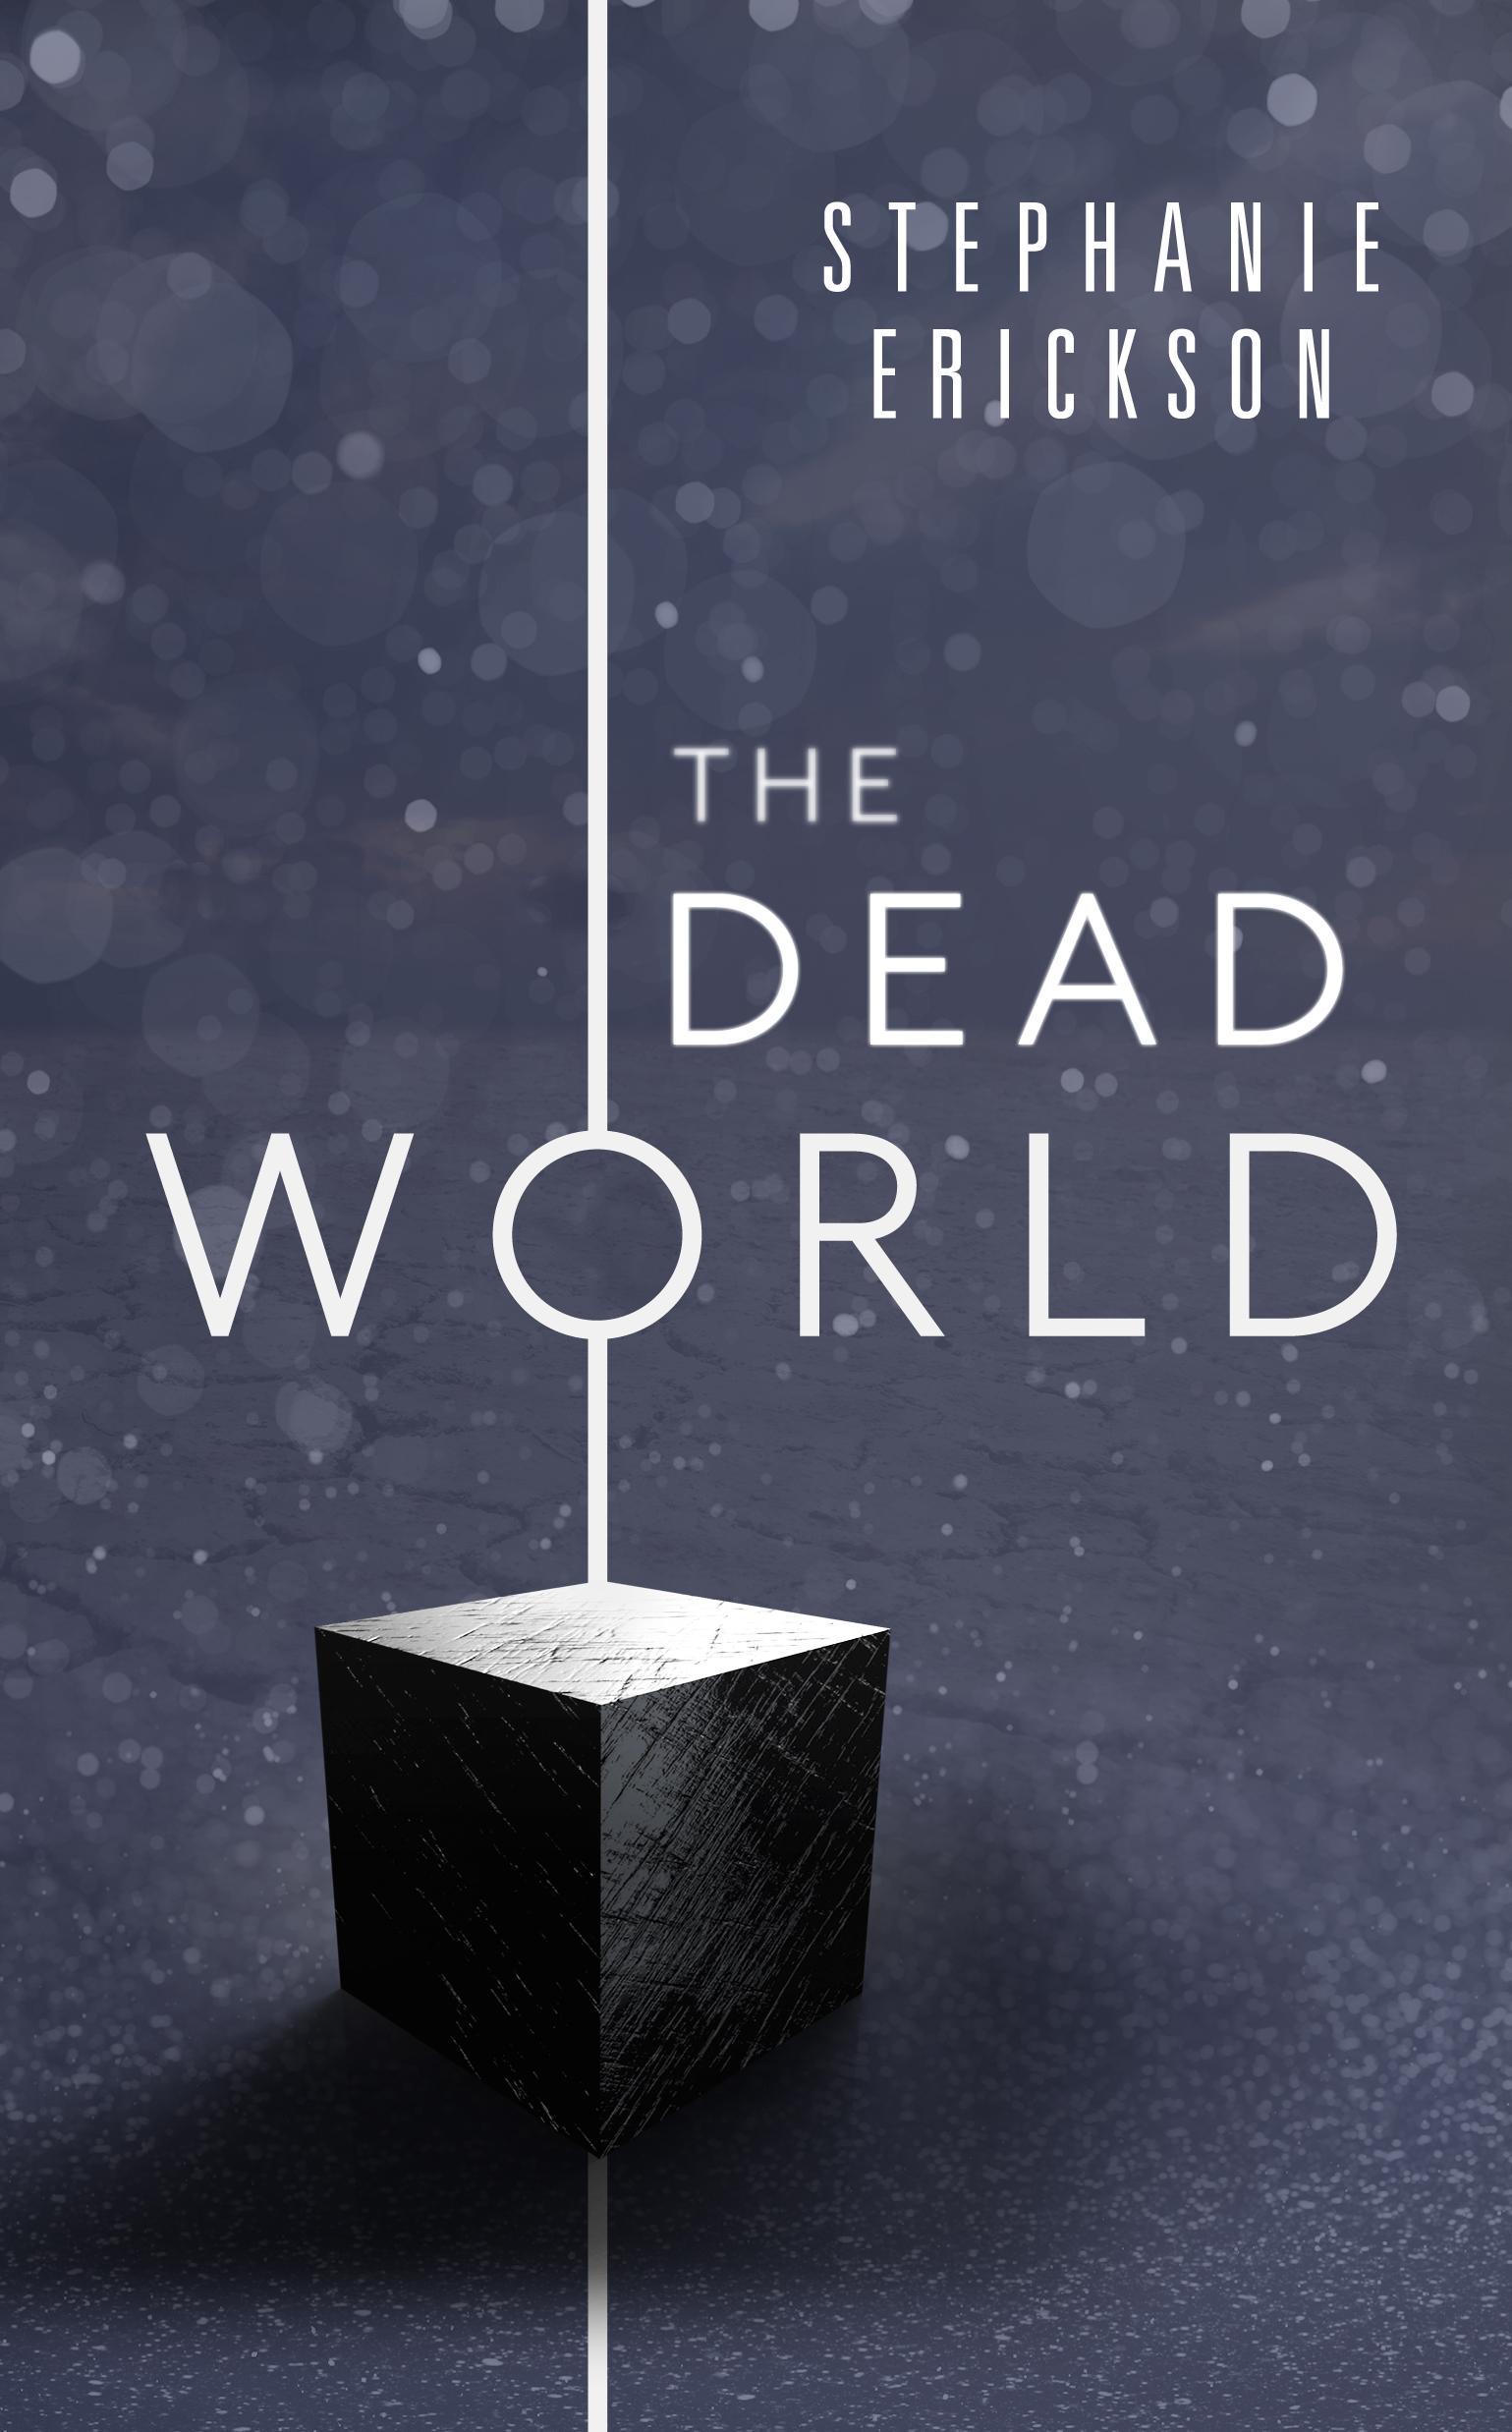 The Dead World by Stephanie Erickson